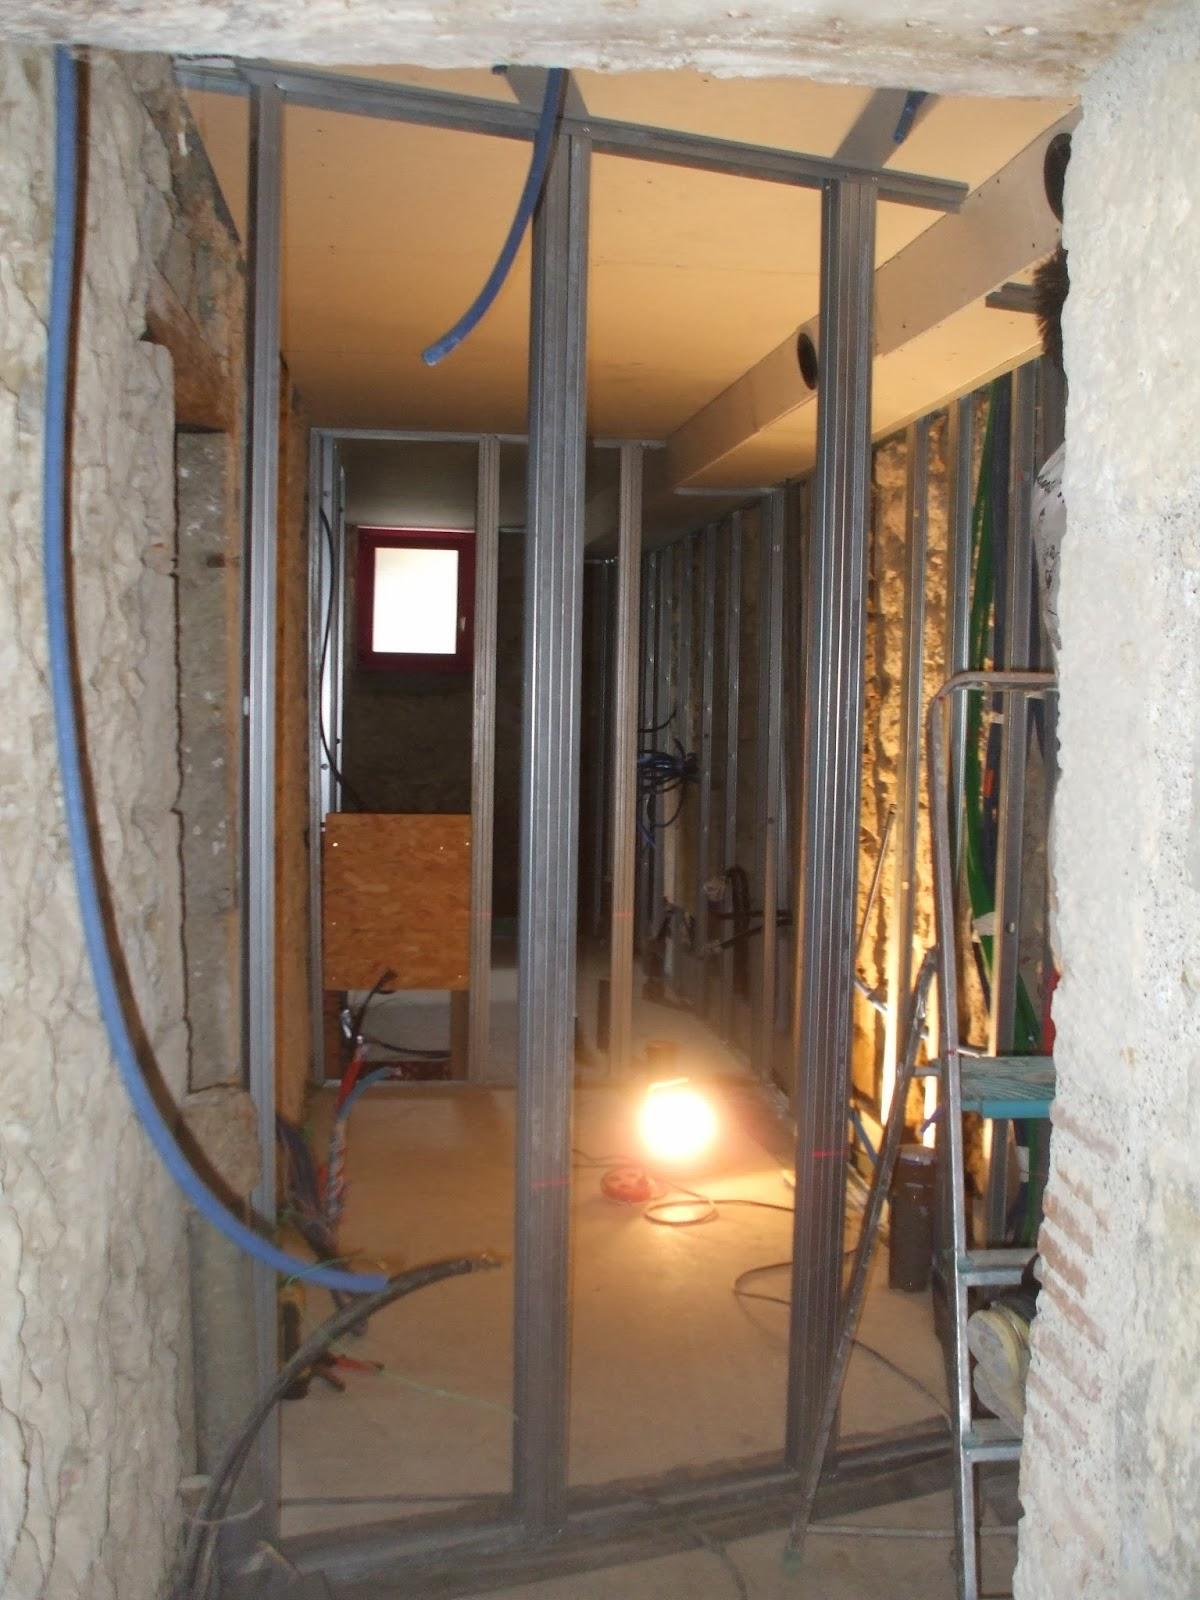 Les terrasses de bessou chantier maintenant 5 6 octobre 2013 cloisons - Cloison salle de bain ...